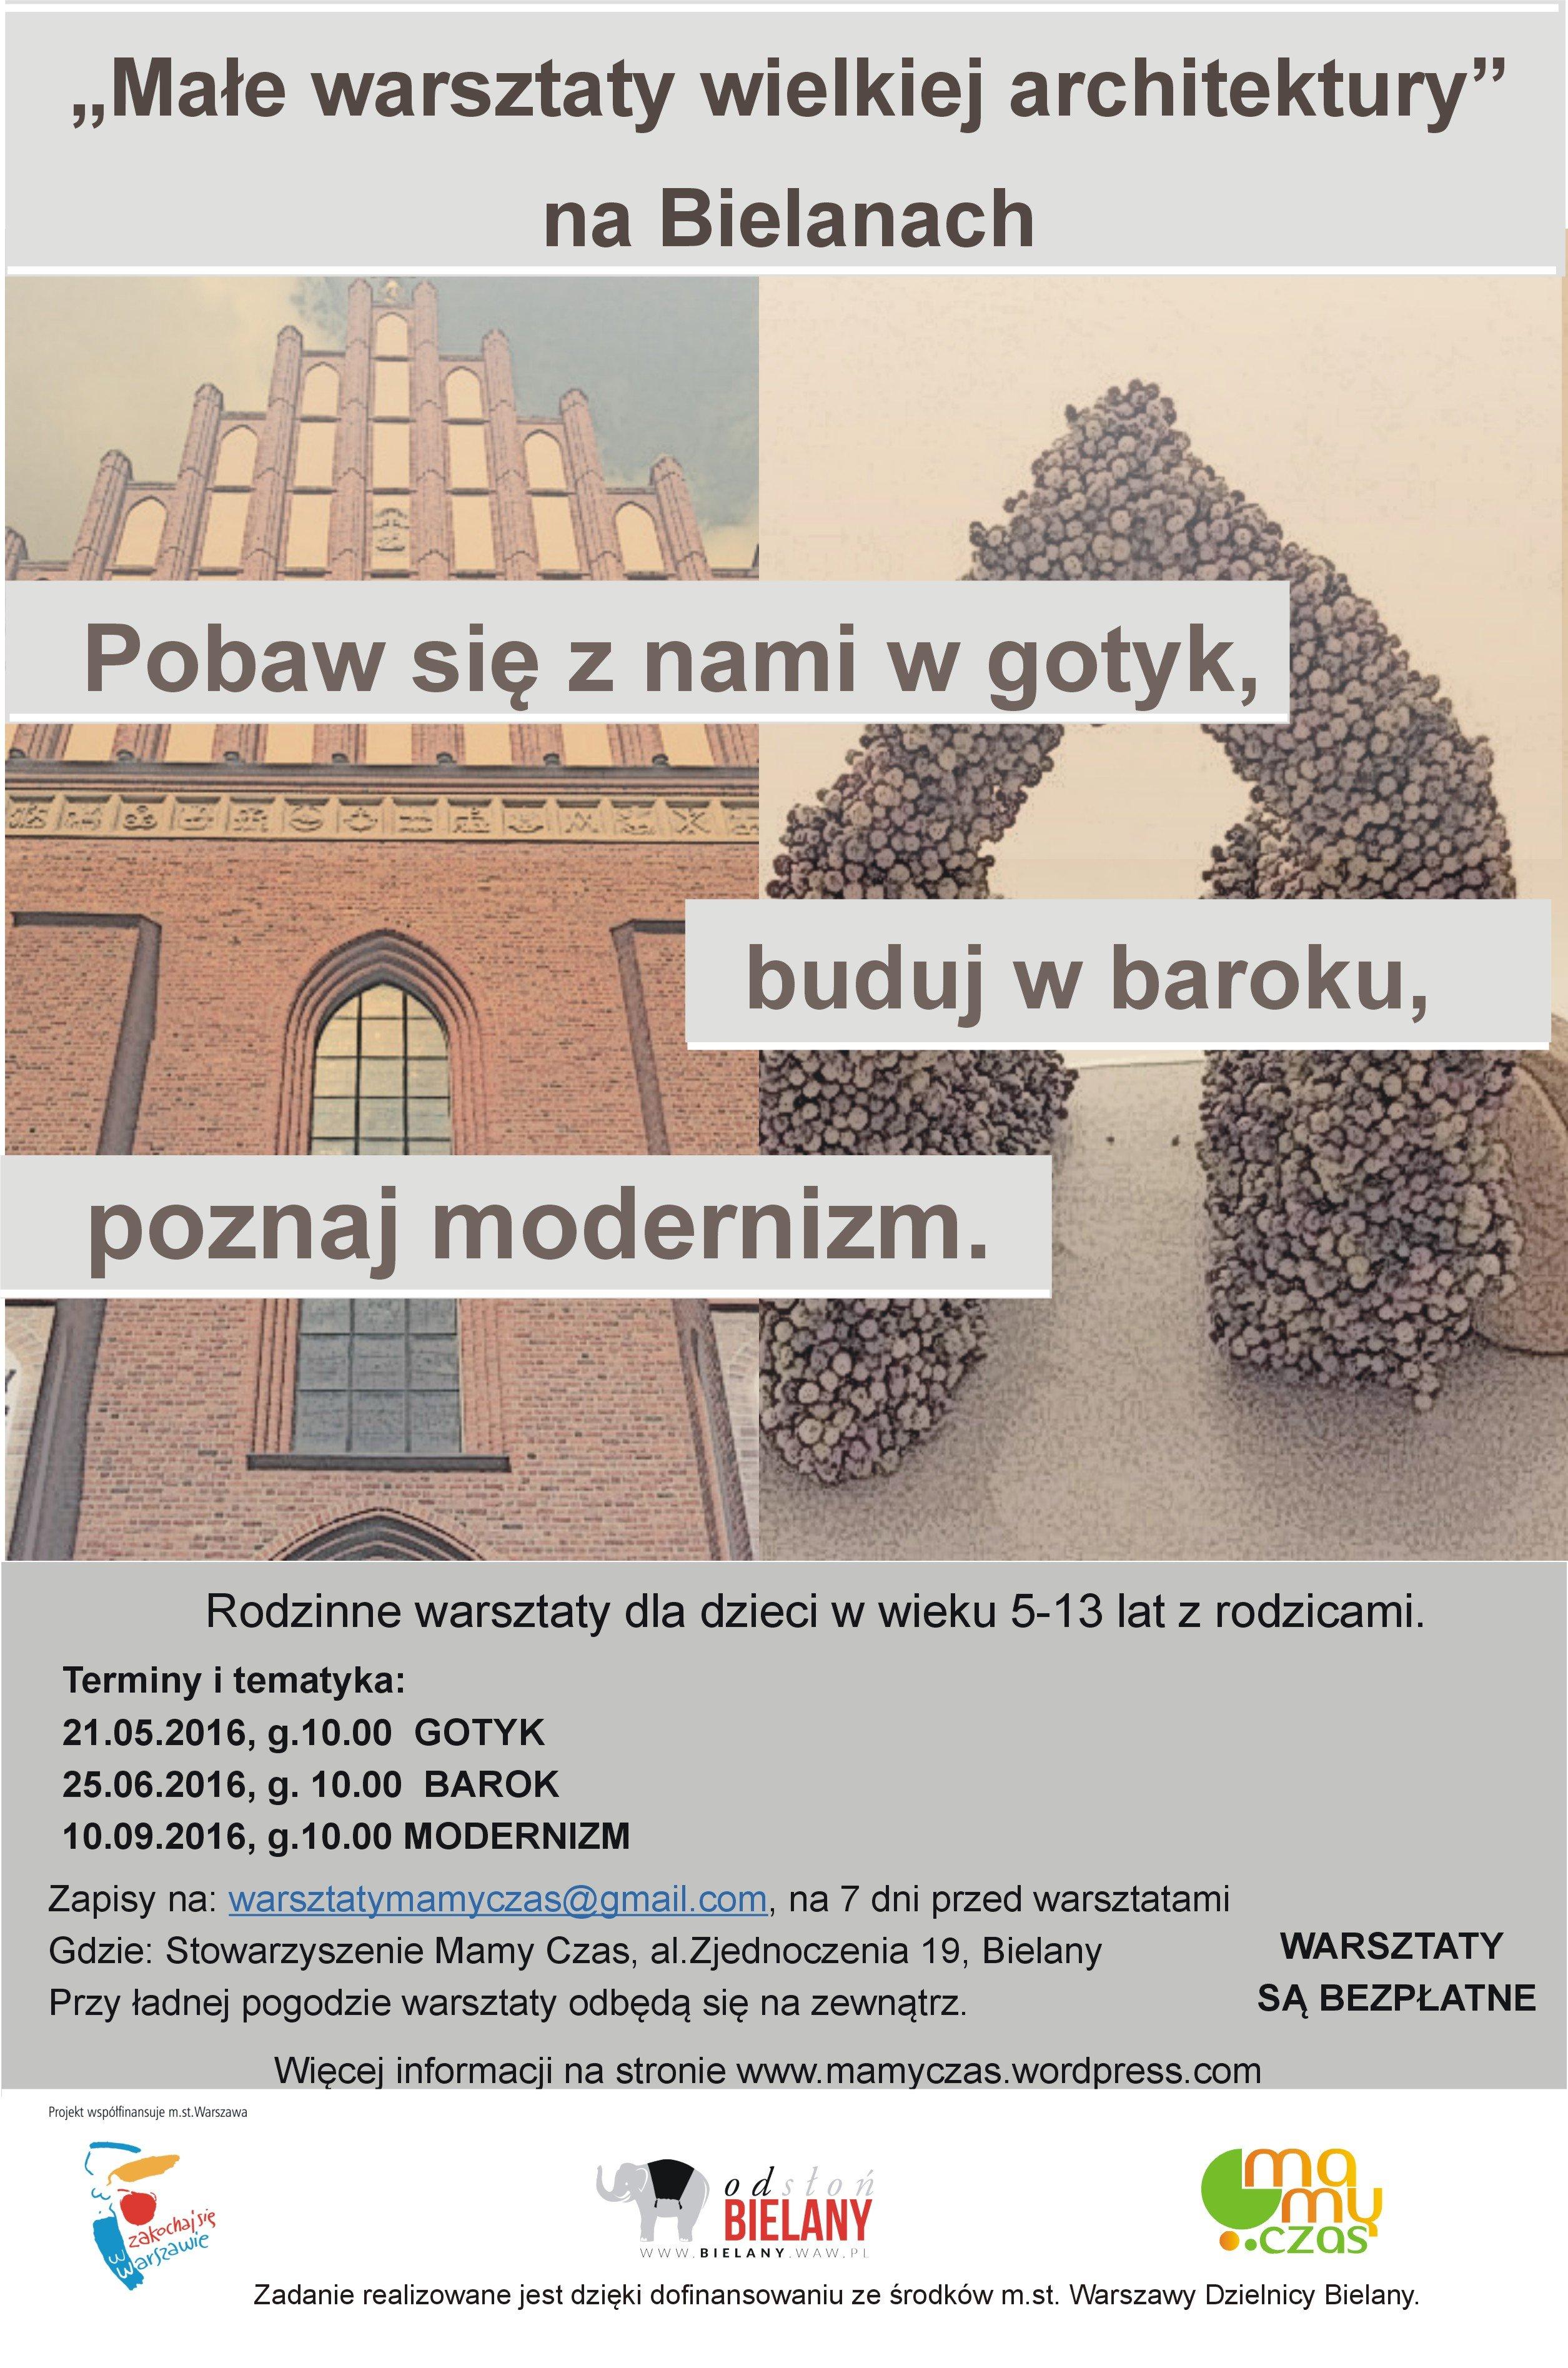 Małe warsztaty wielkiej architektury plakat